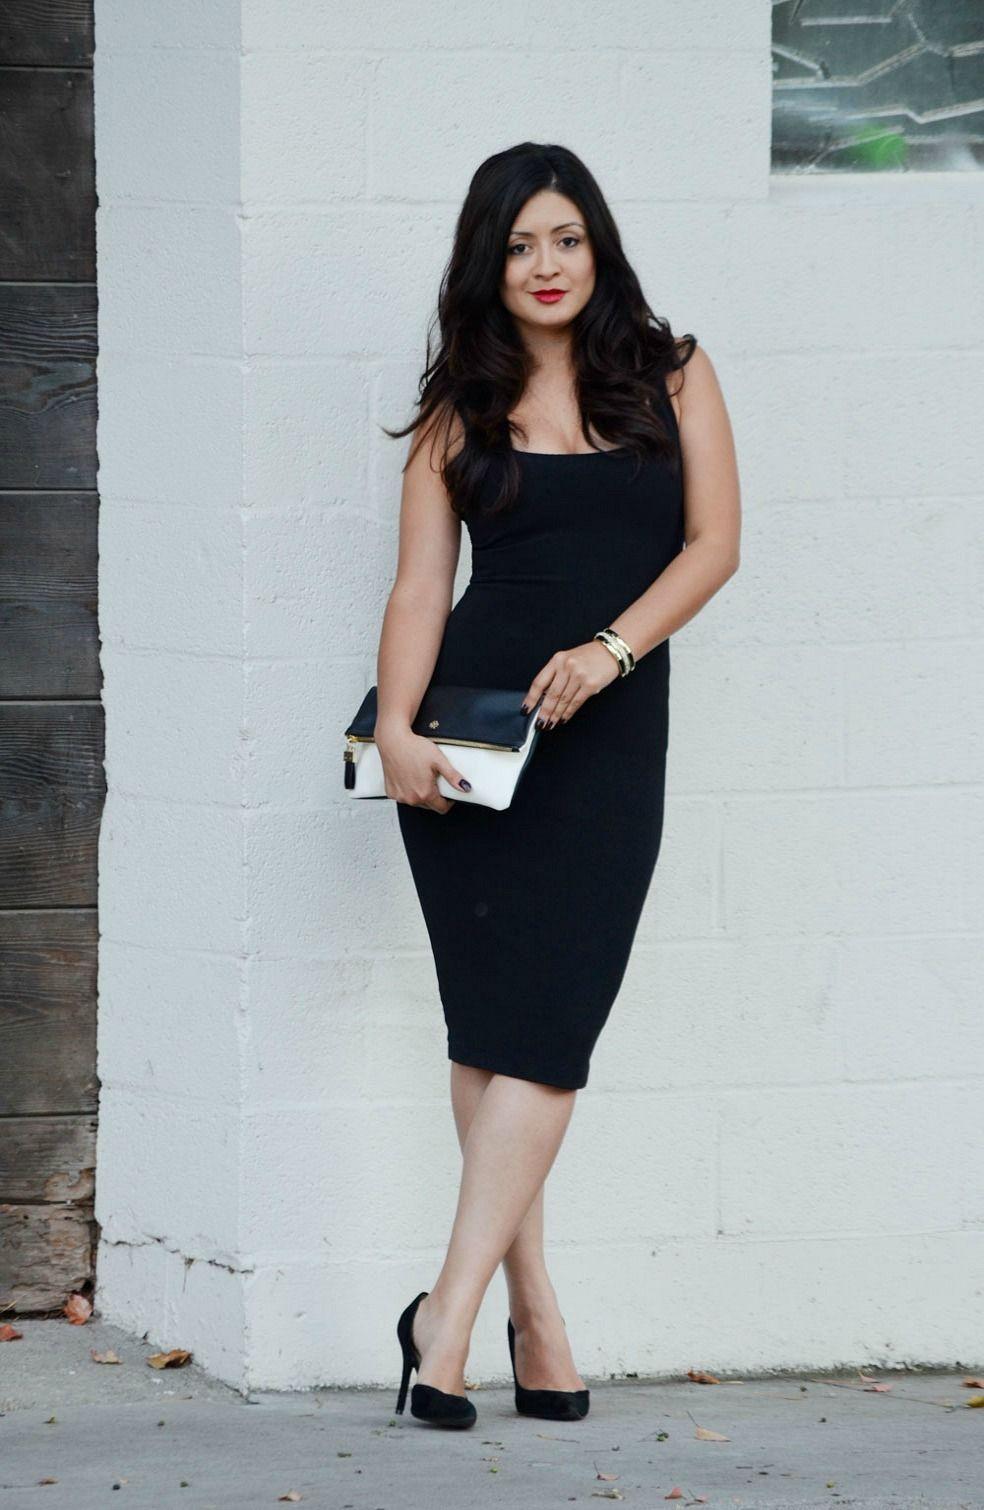 The Little Black Flattering Dress for Different Body Types | Zara ...